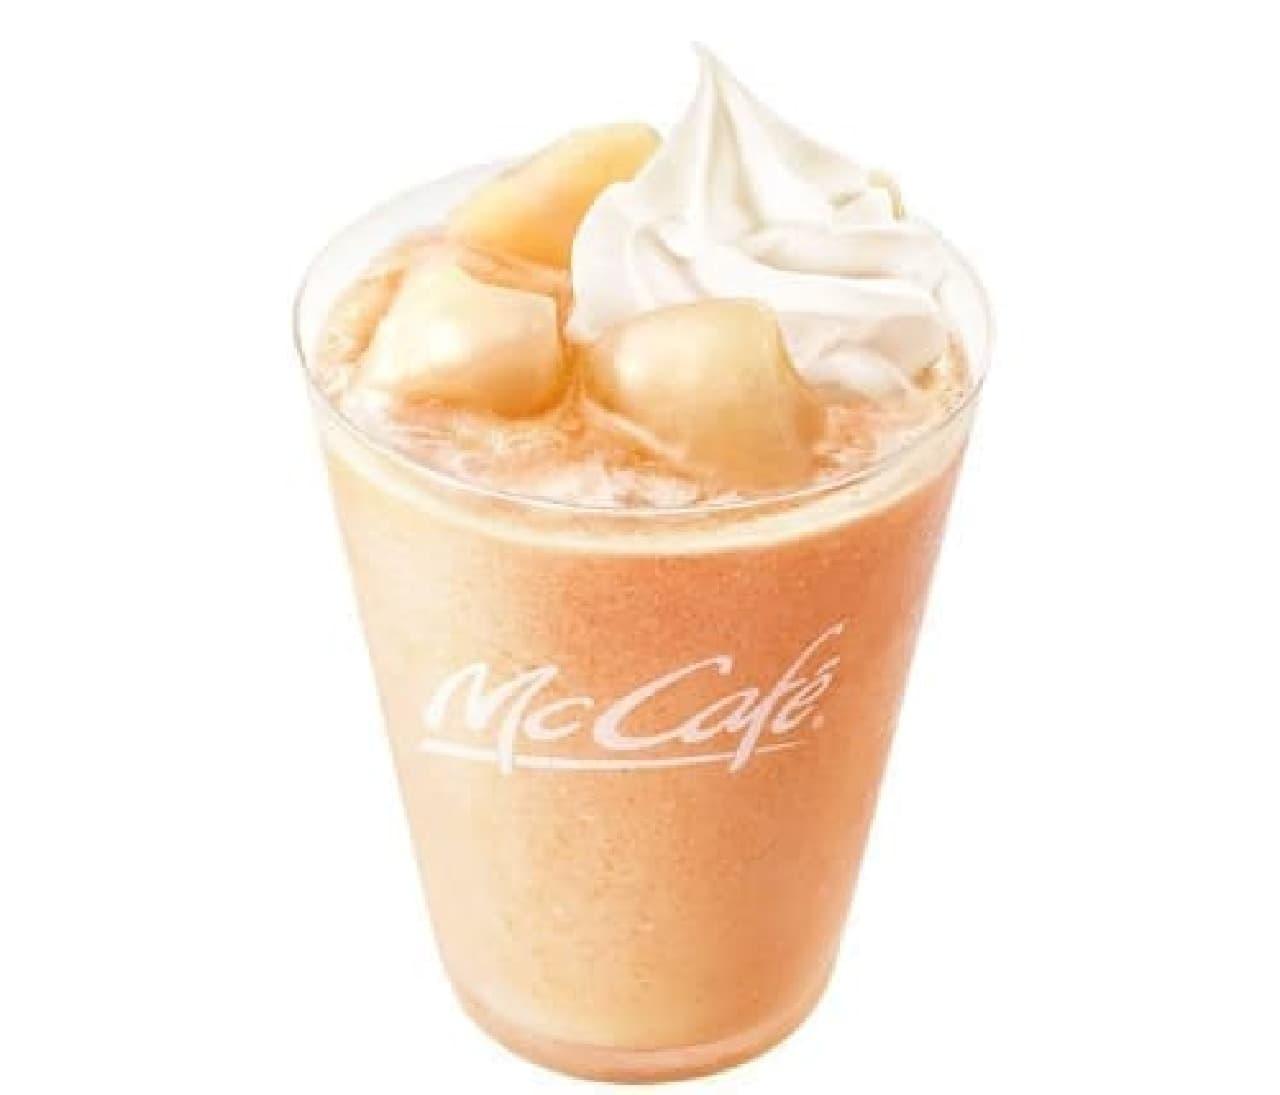 マックカフェ バイ バリスタ「ふわふわ もものクリーミーフラッペ」